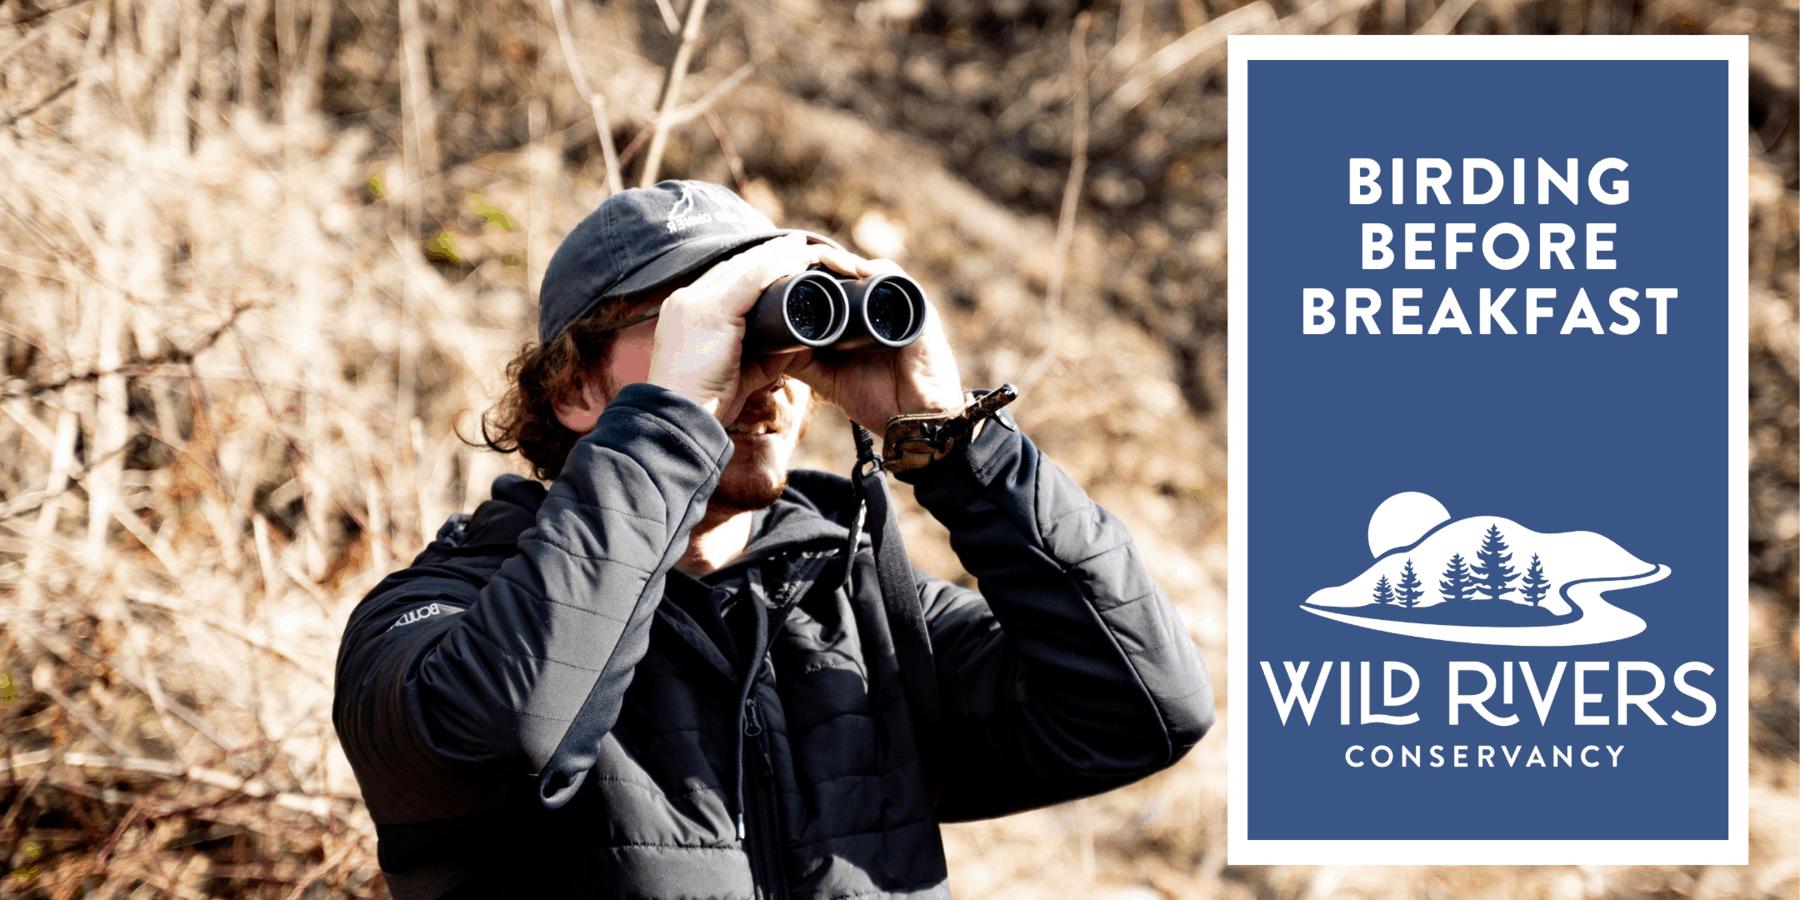 Man looking through binoculars at birds